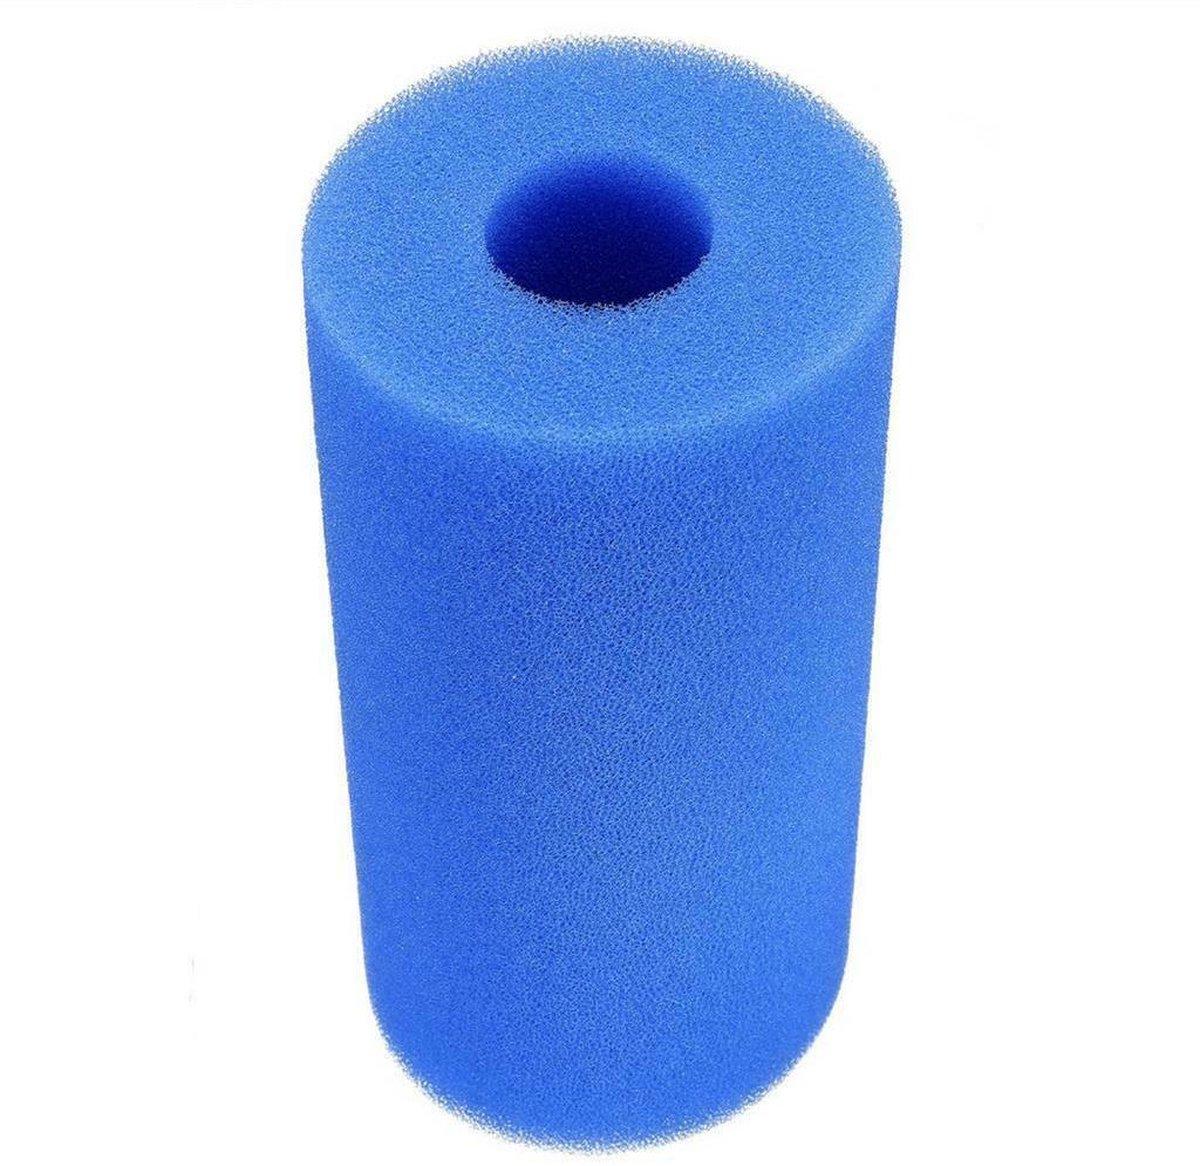 Herbruikbaar en Uitwasbaar - Intex Zwembad Filter Type A - Voor Intex Zwembaden - Filterpomp - Zwembadpomp - Zwembad onderhoud